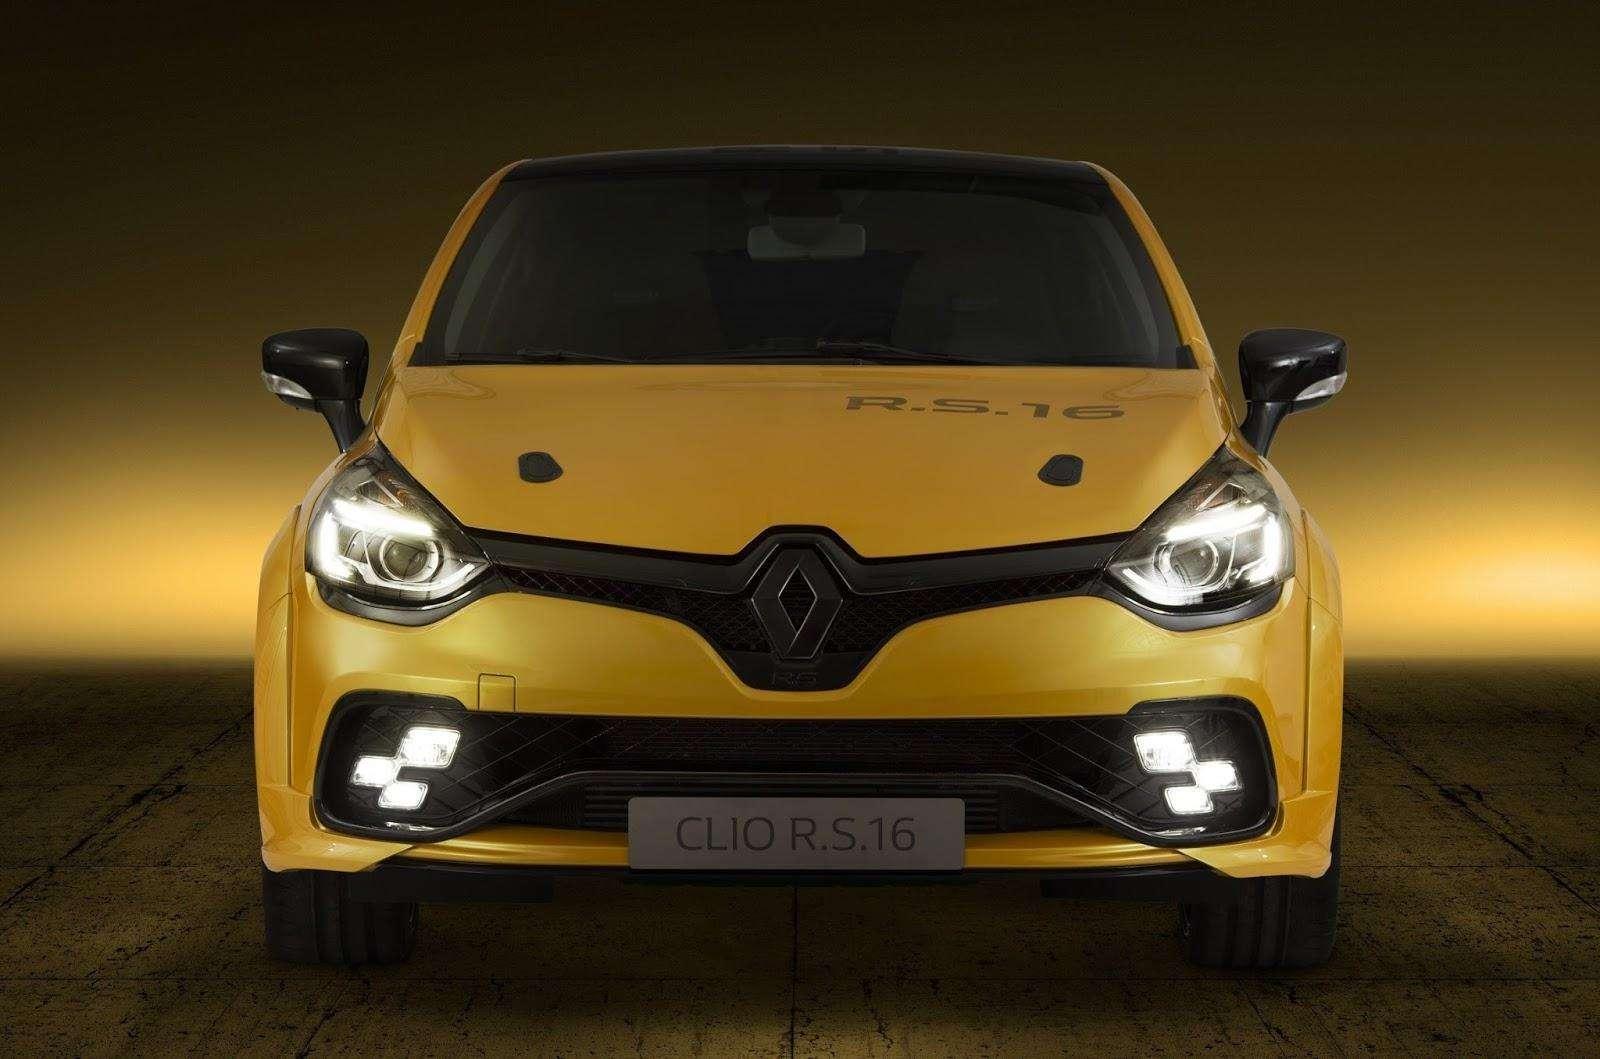 Renault_78771_global_en